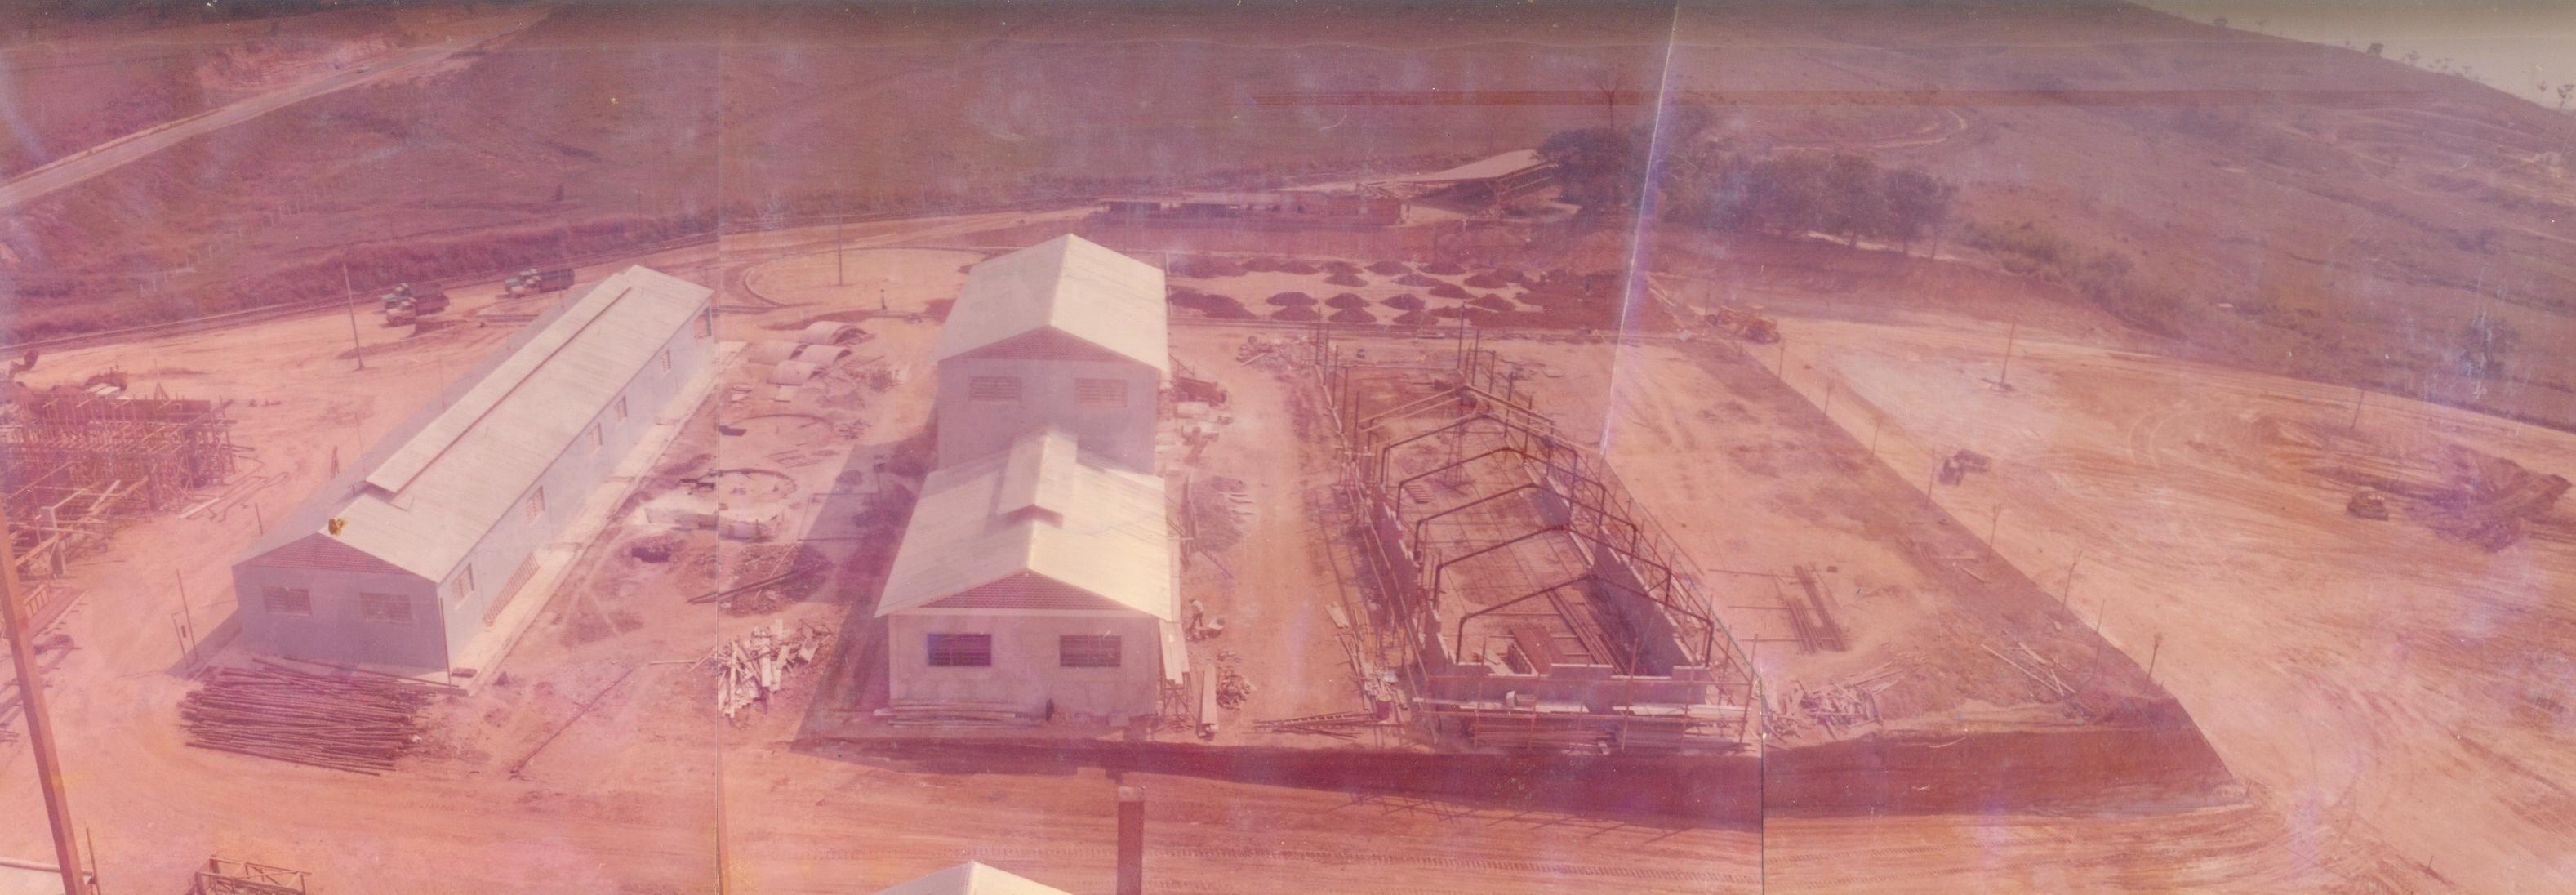 Vista da frente do prédio da Faculdade. Pátio da frente da Faculdade.